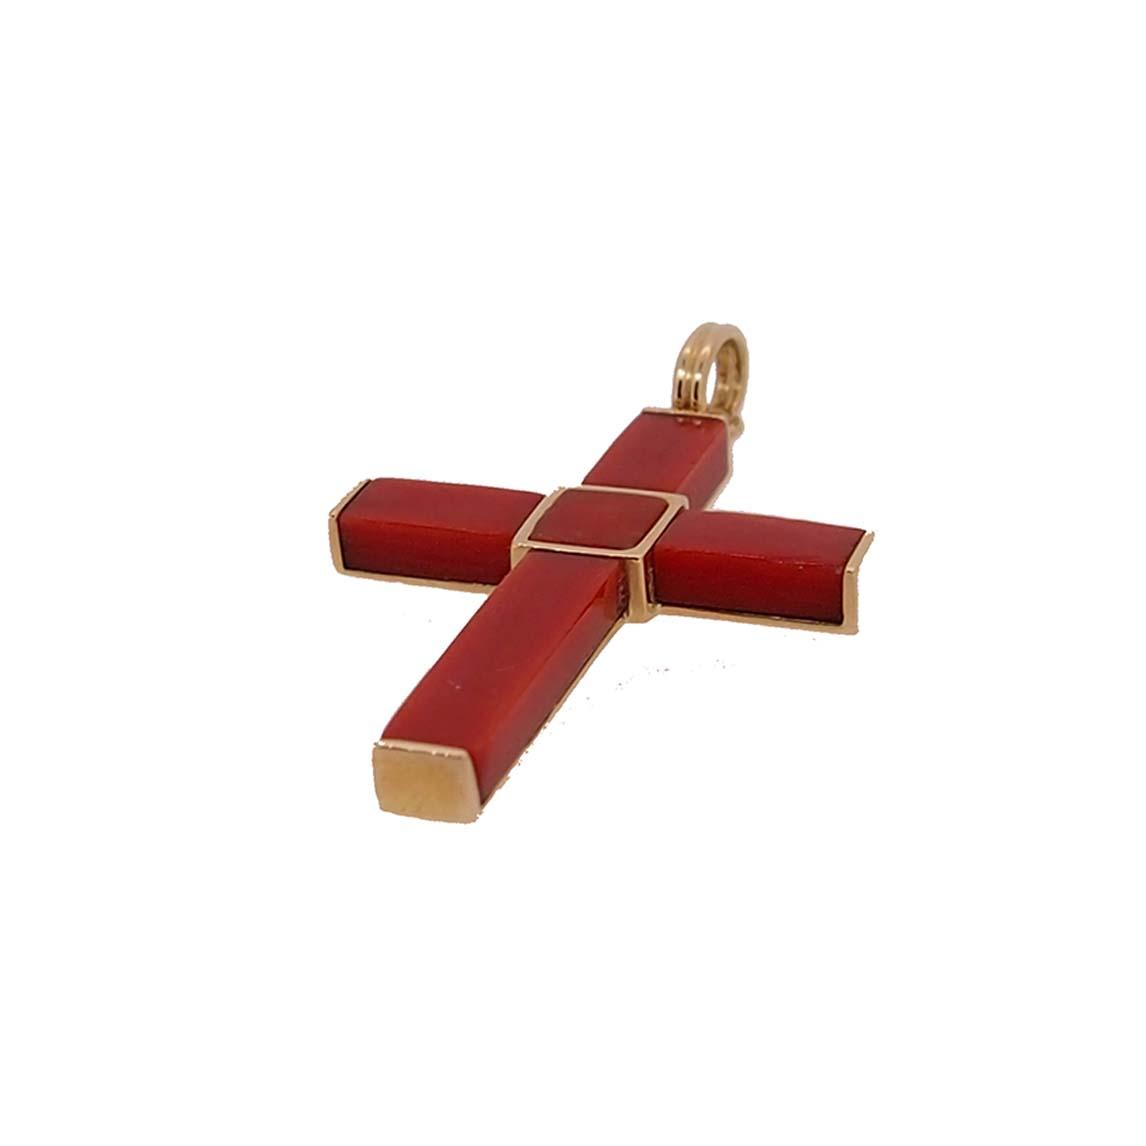 pendentif croix or jaune et rectangle en corail rouge de méditerranée